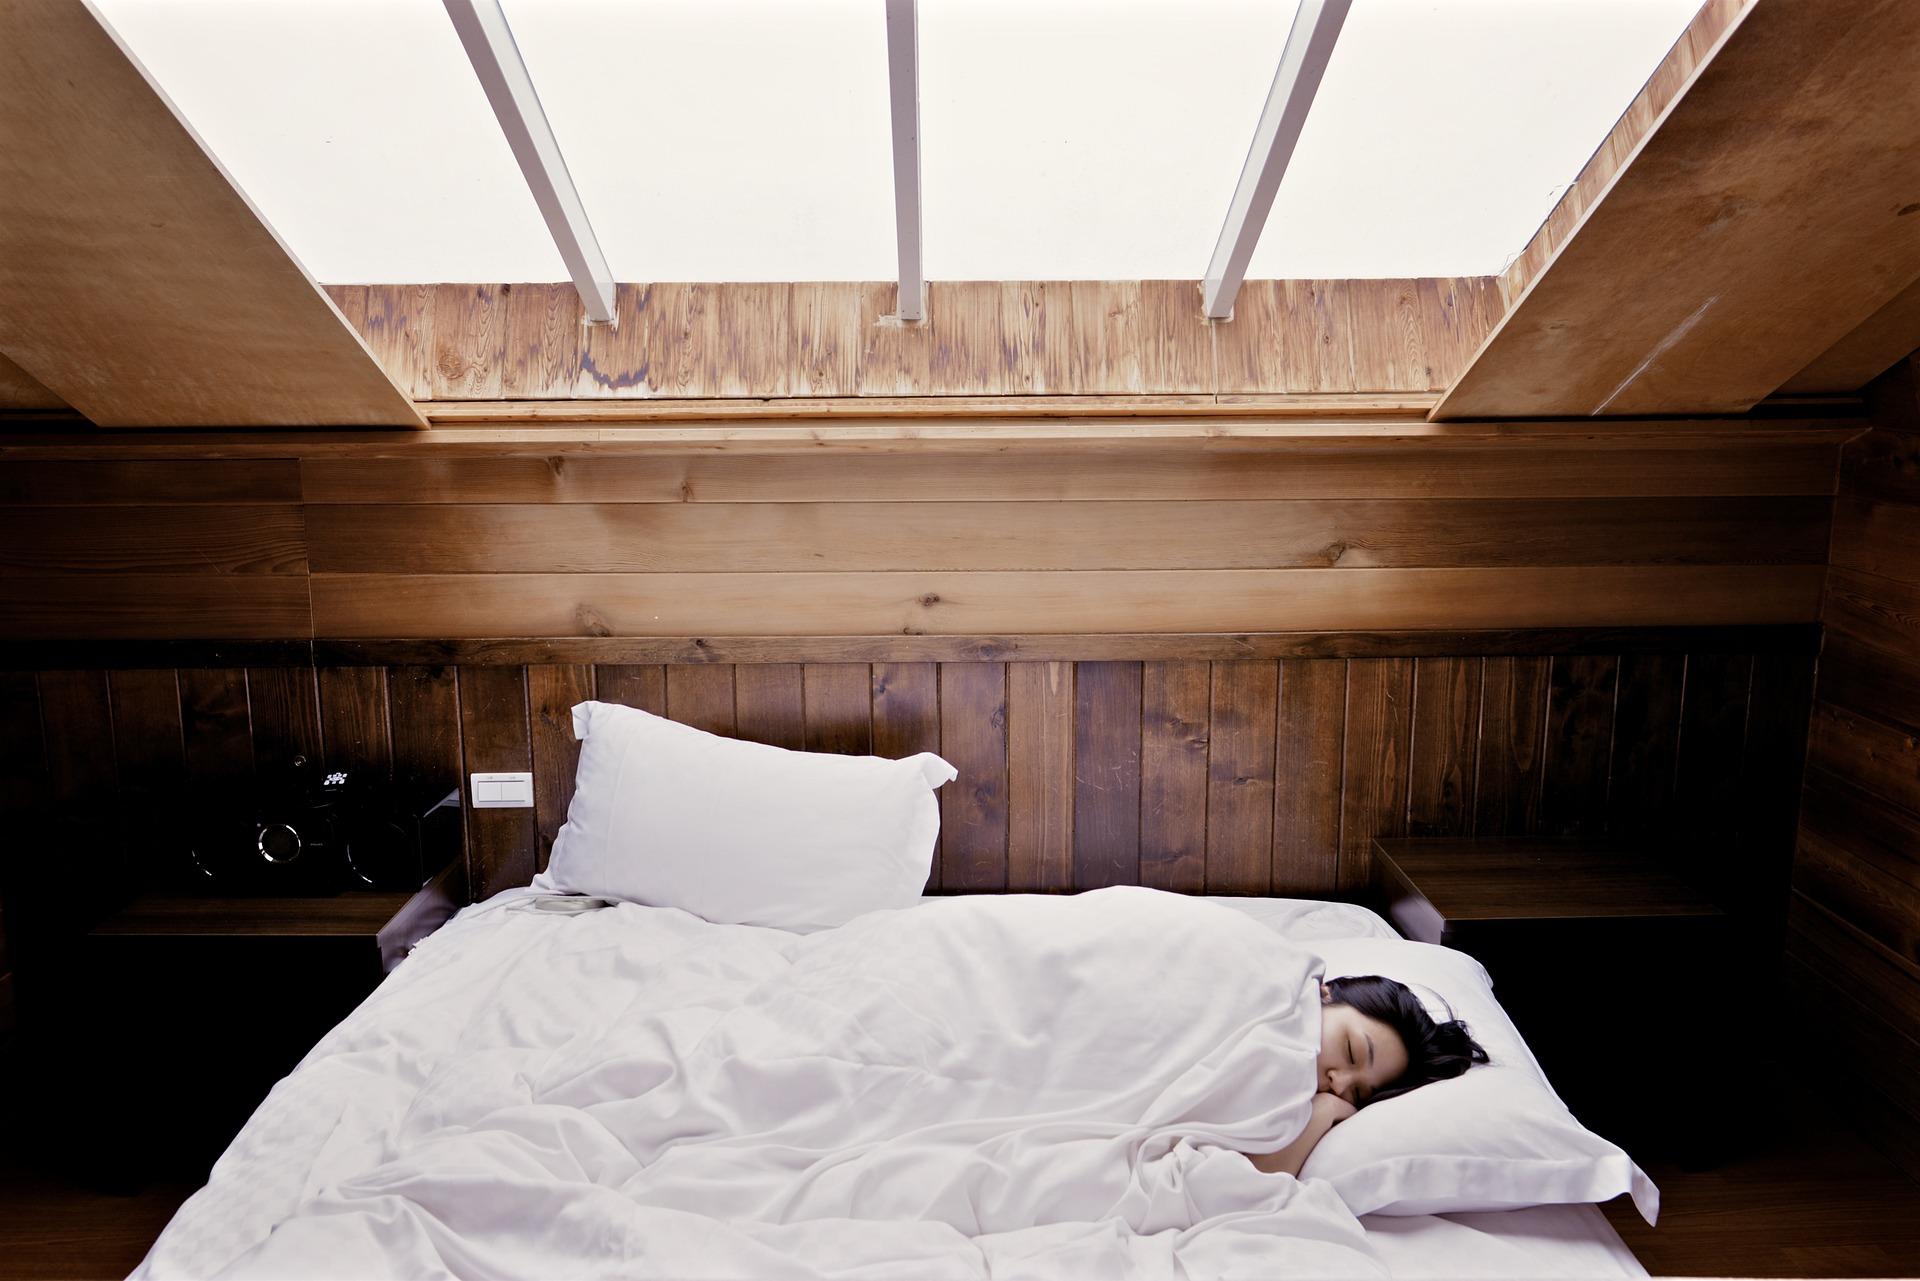 poduszka ortpopedyczna